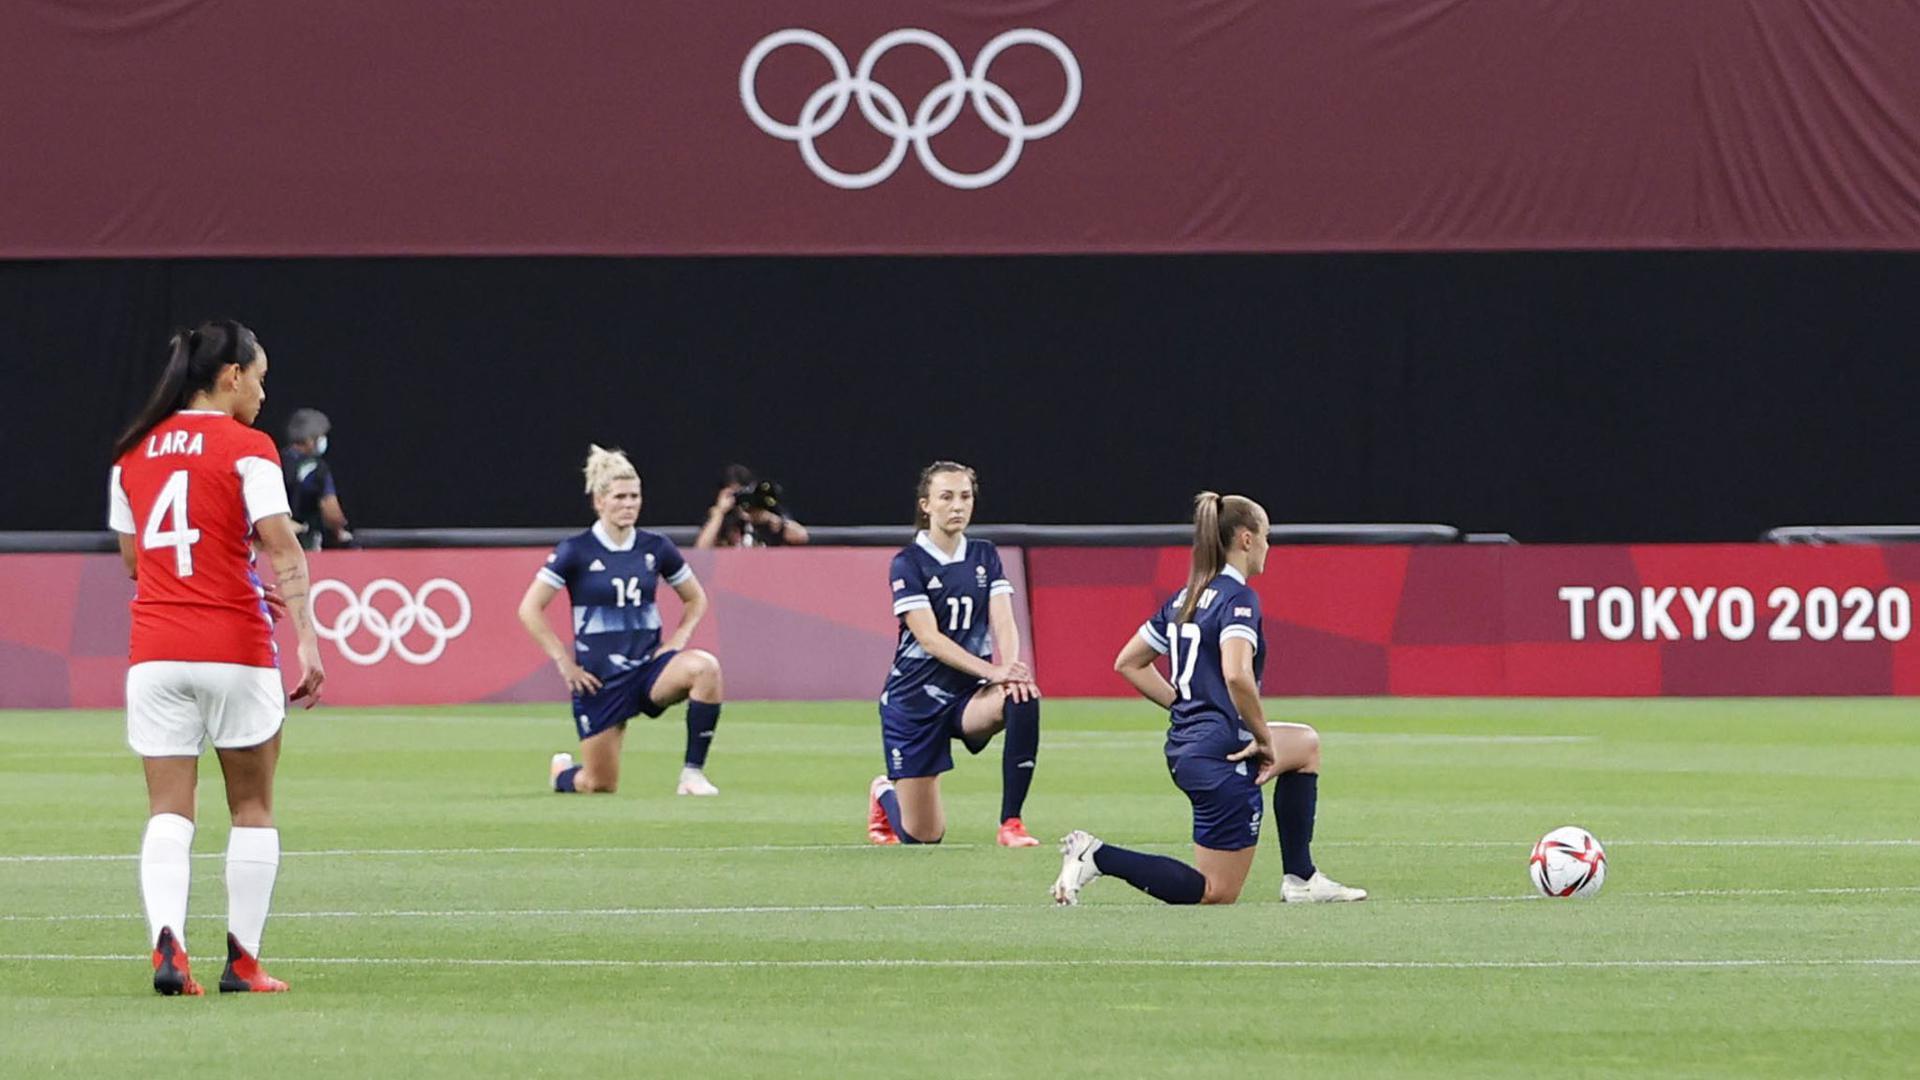 Weil der Kniefall von fünf Frauenfußball-Teams in den Zusammenschnitten fehlte, hatte es Kritik am IOC gegeben.